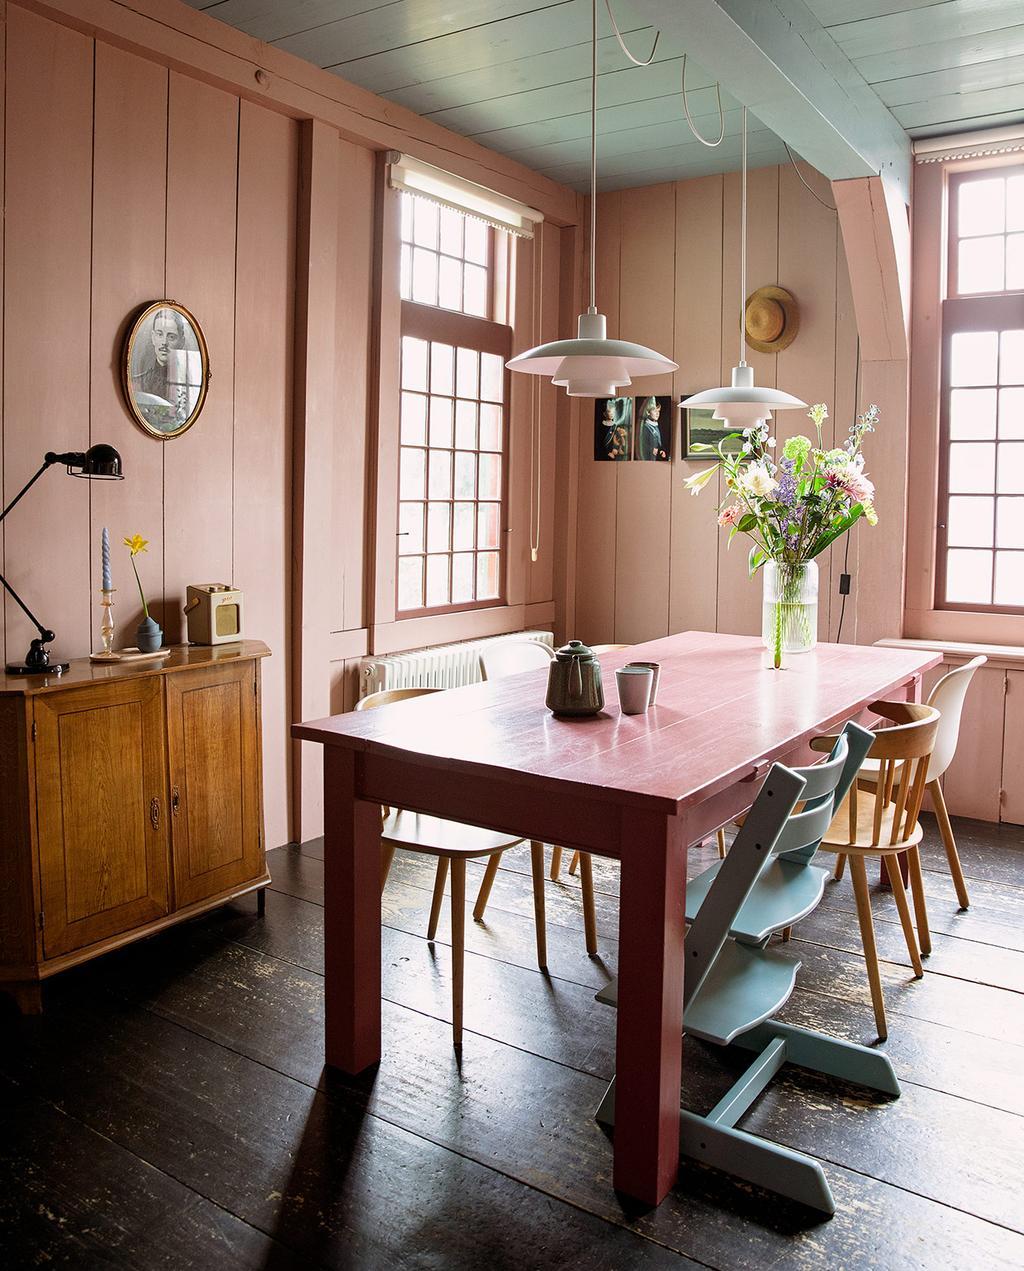 vtwonen 05-2021 | kleurrijk familiehuis met stoelen en roze wanden